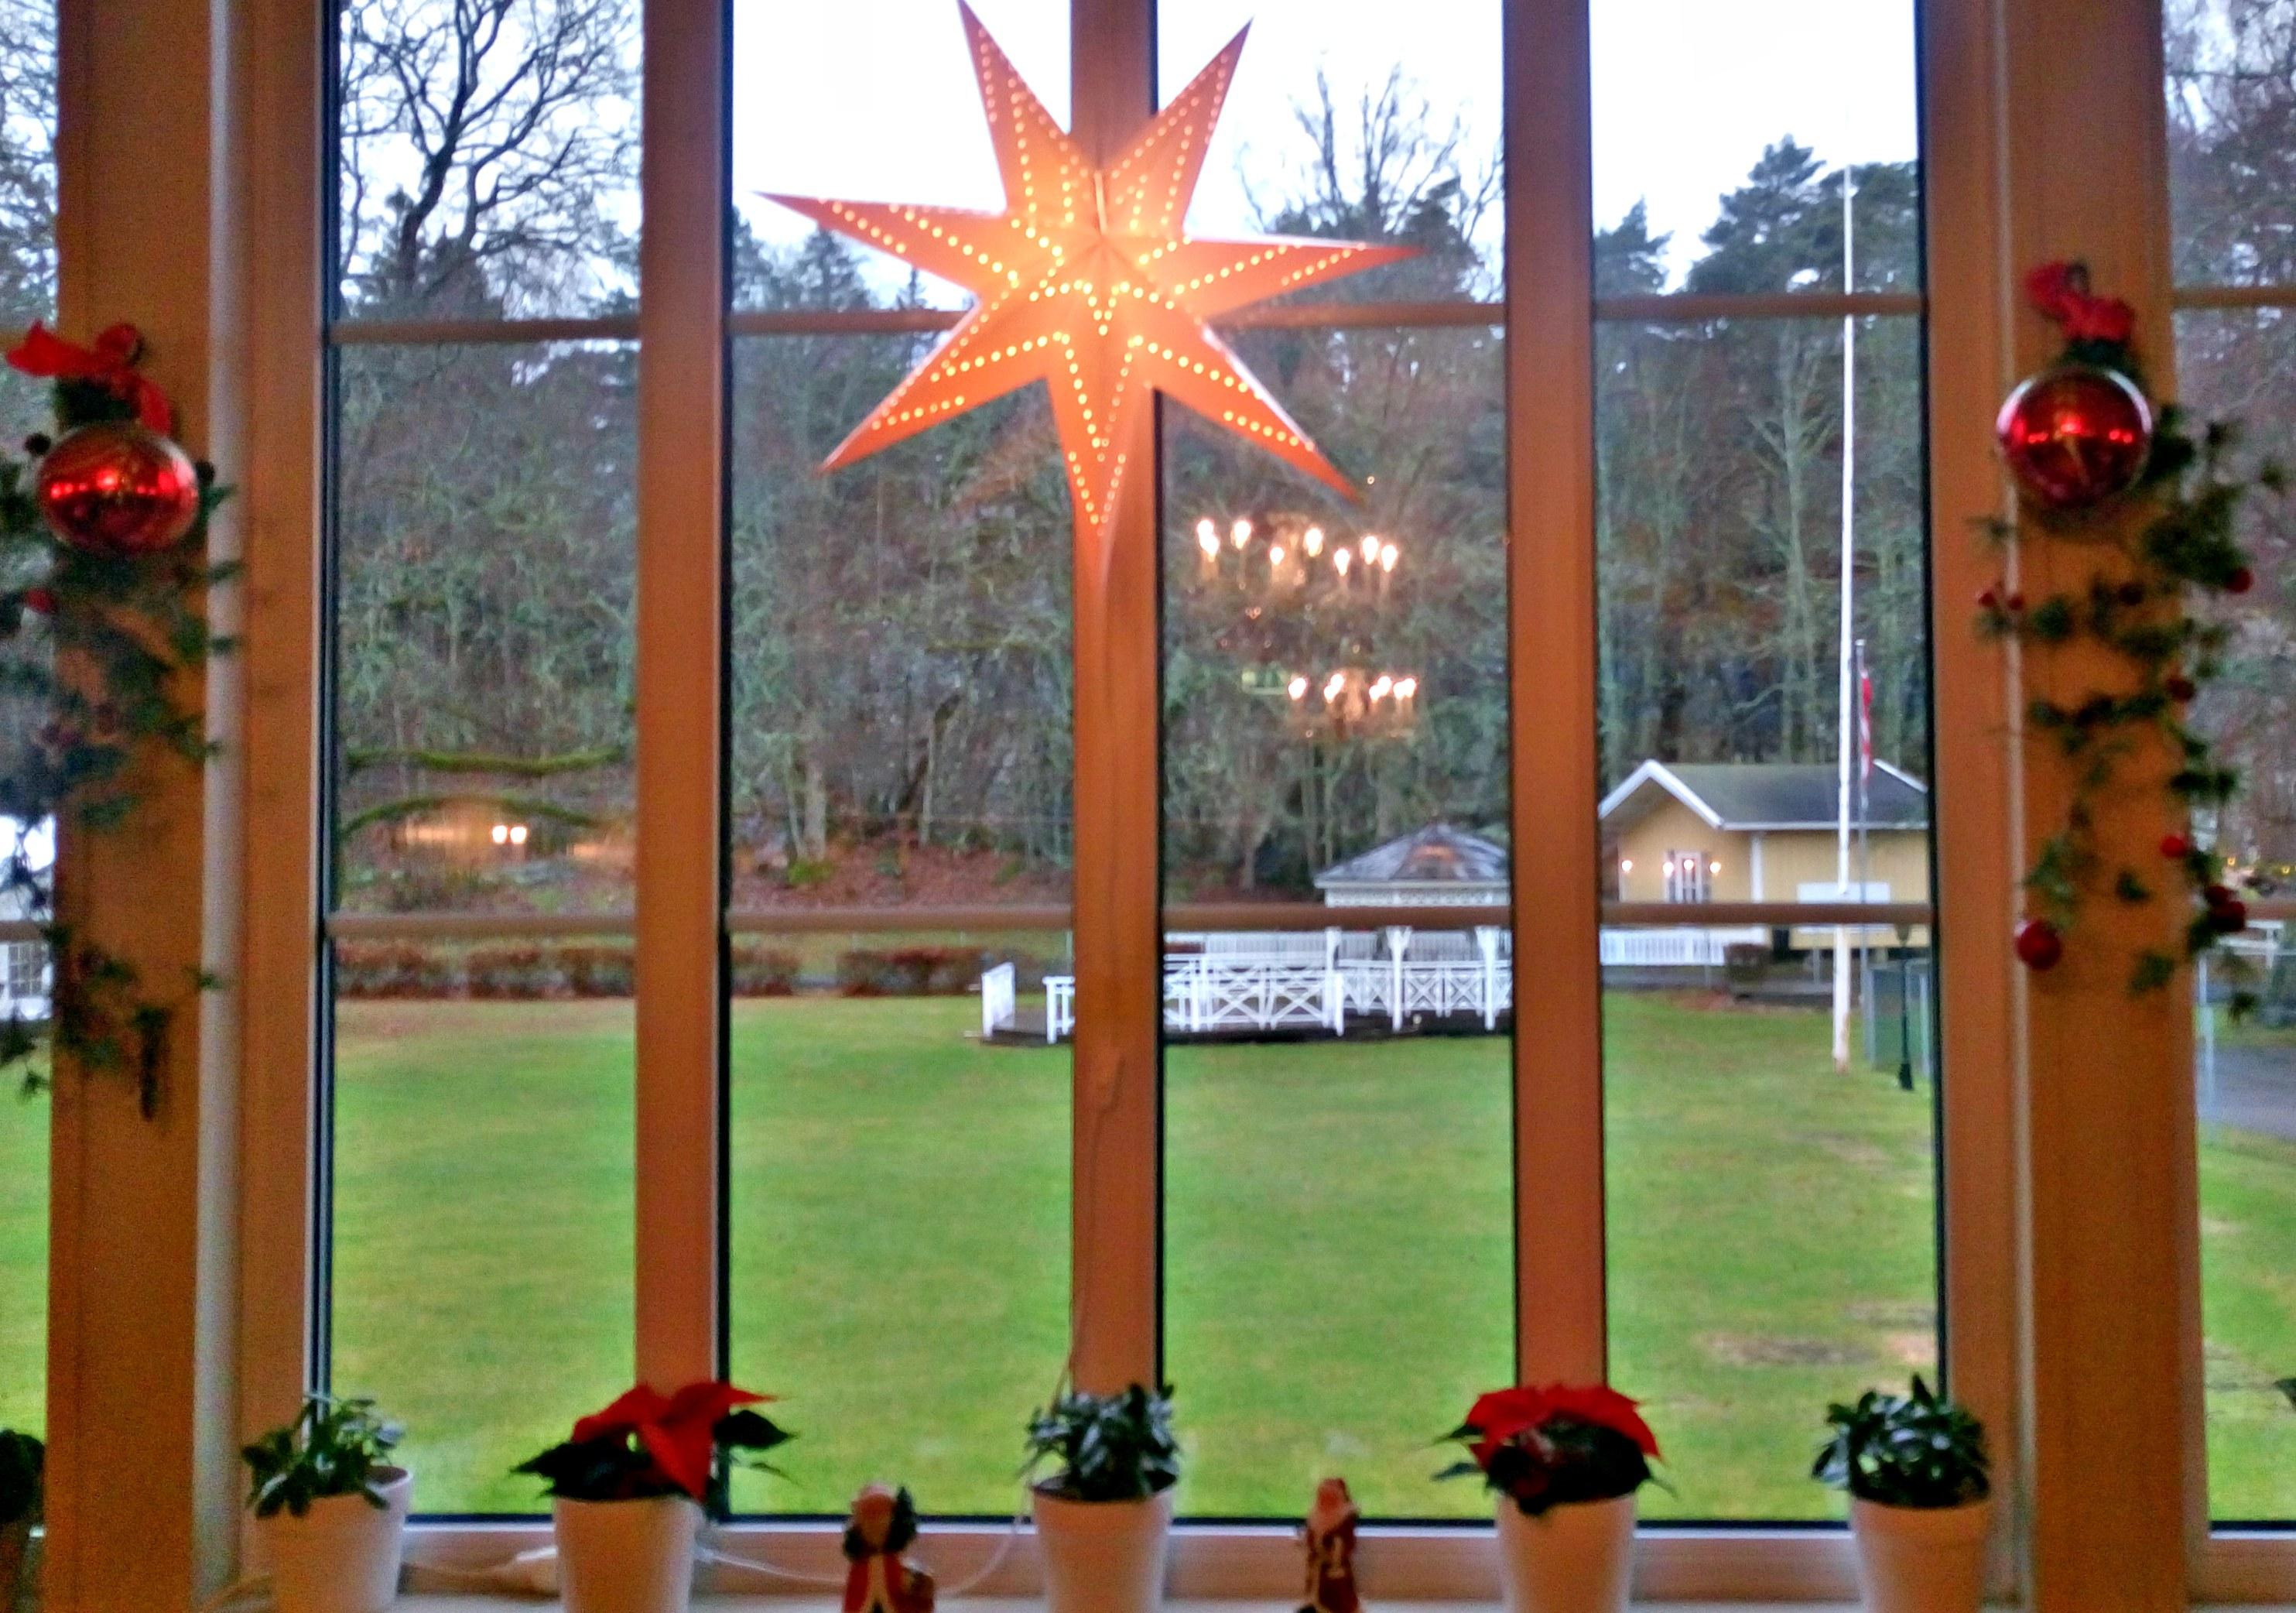 GRØNN JUL?: Ikke mye som minner om jul når man ser den grønne hagen utenfor hotellet.